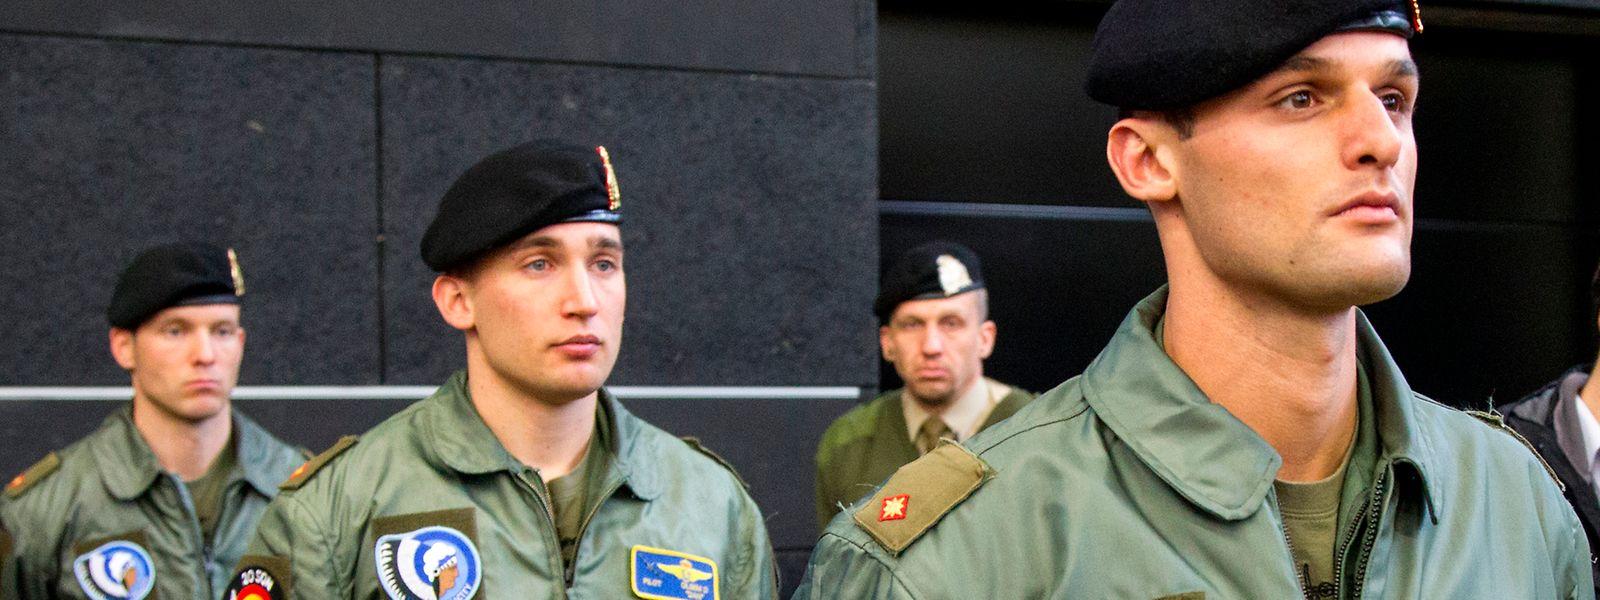 Les soldats luxembourgeois interviennent dans le cadre d'actions européennes.